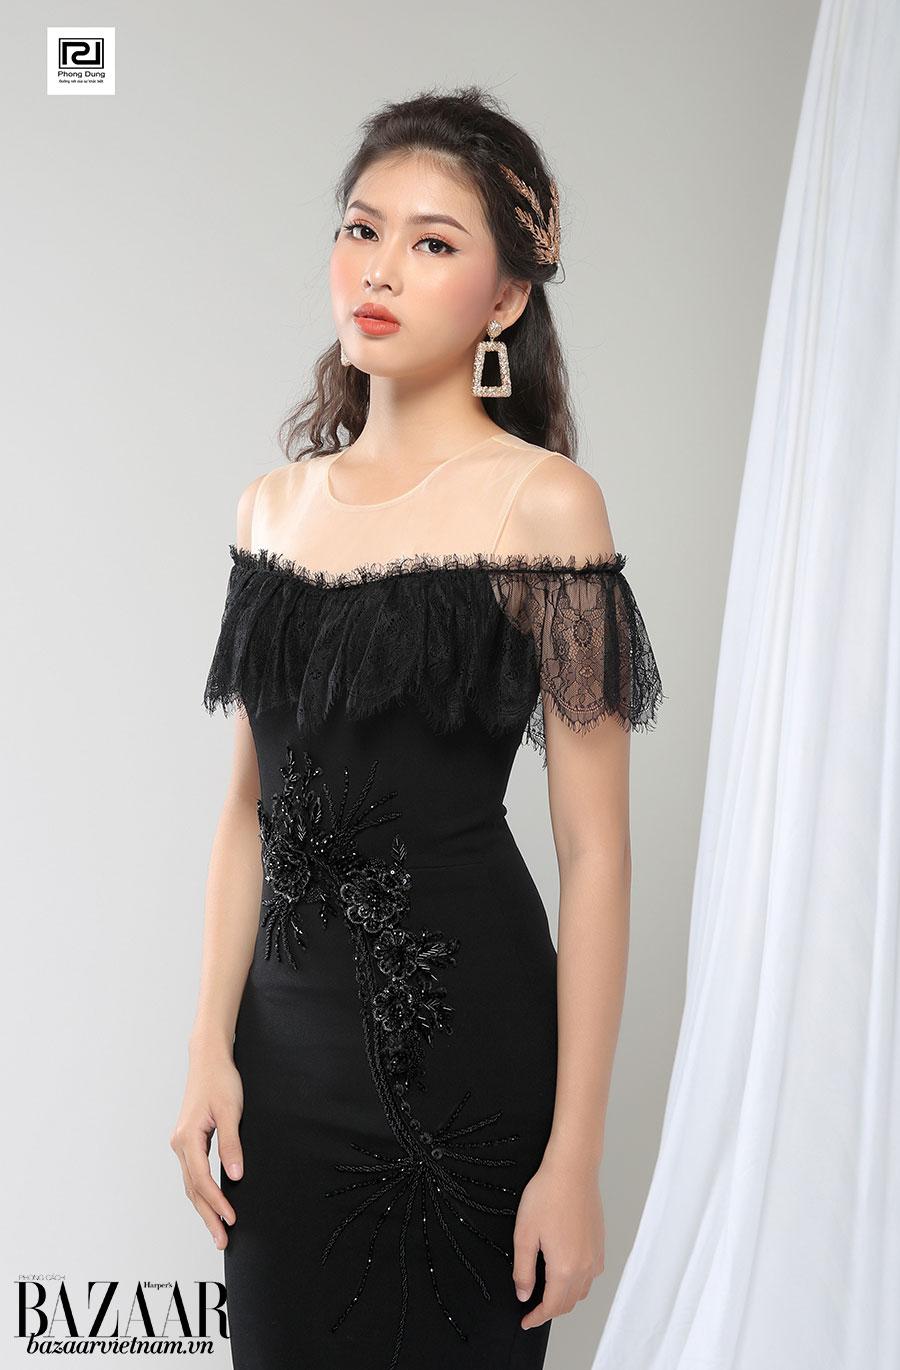 Phong Dung có thể tư vấn các mẫu đầm theo sở thích cũng như phong cách của người mặc